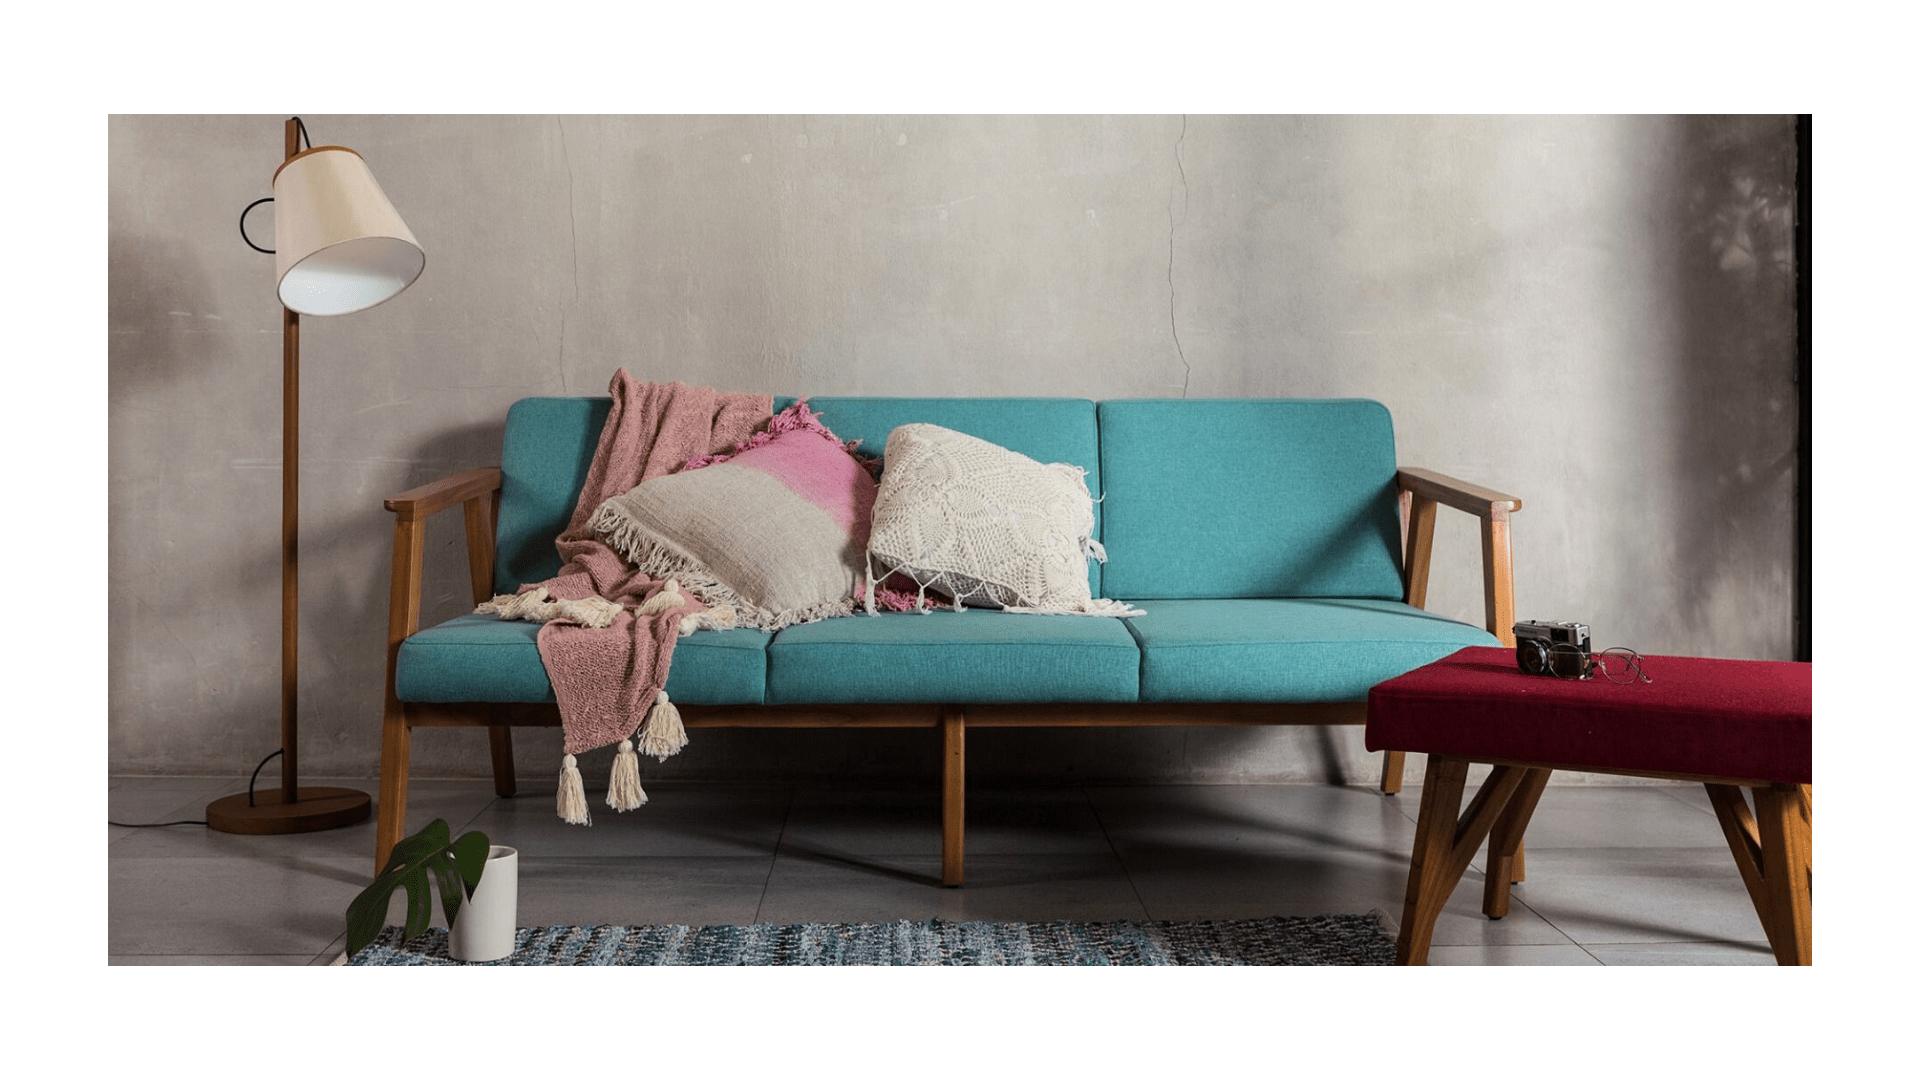 Jual Sofa Minimalis di Slawi